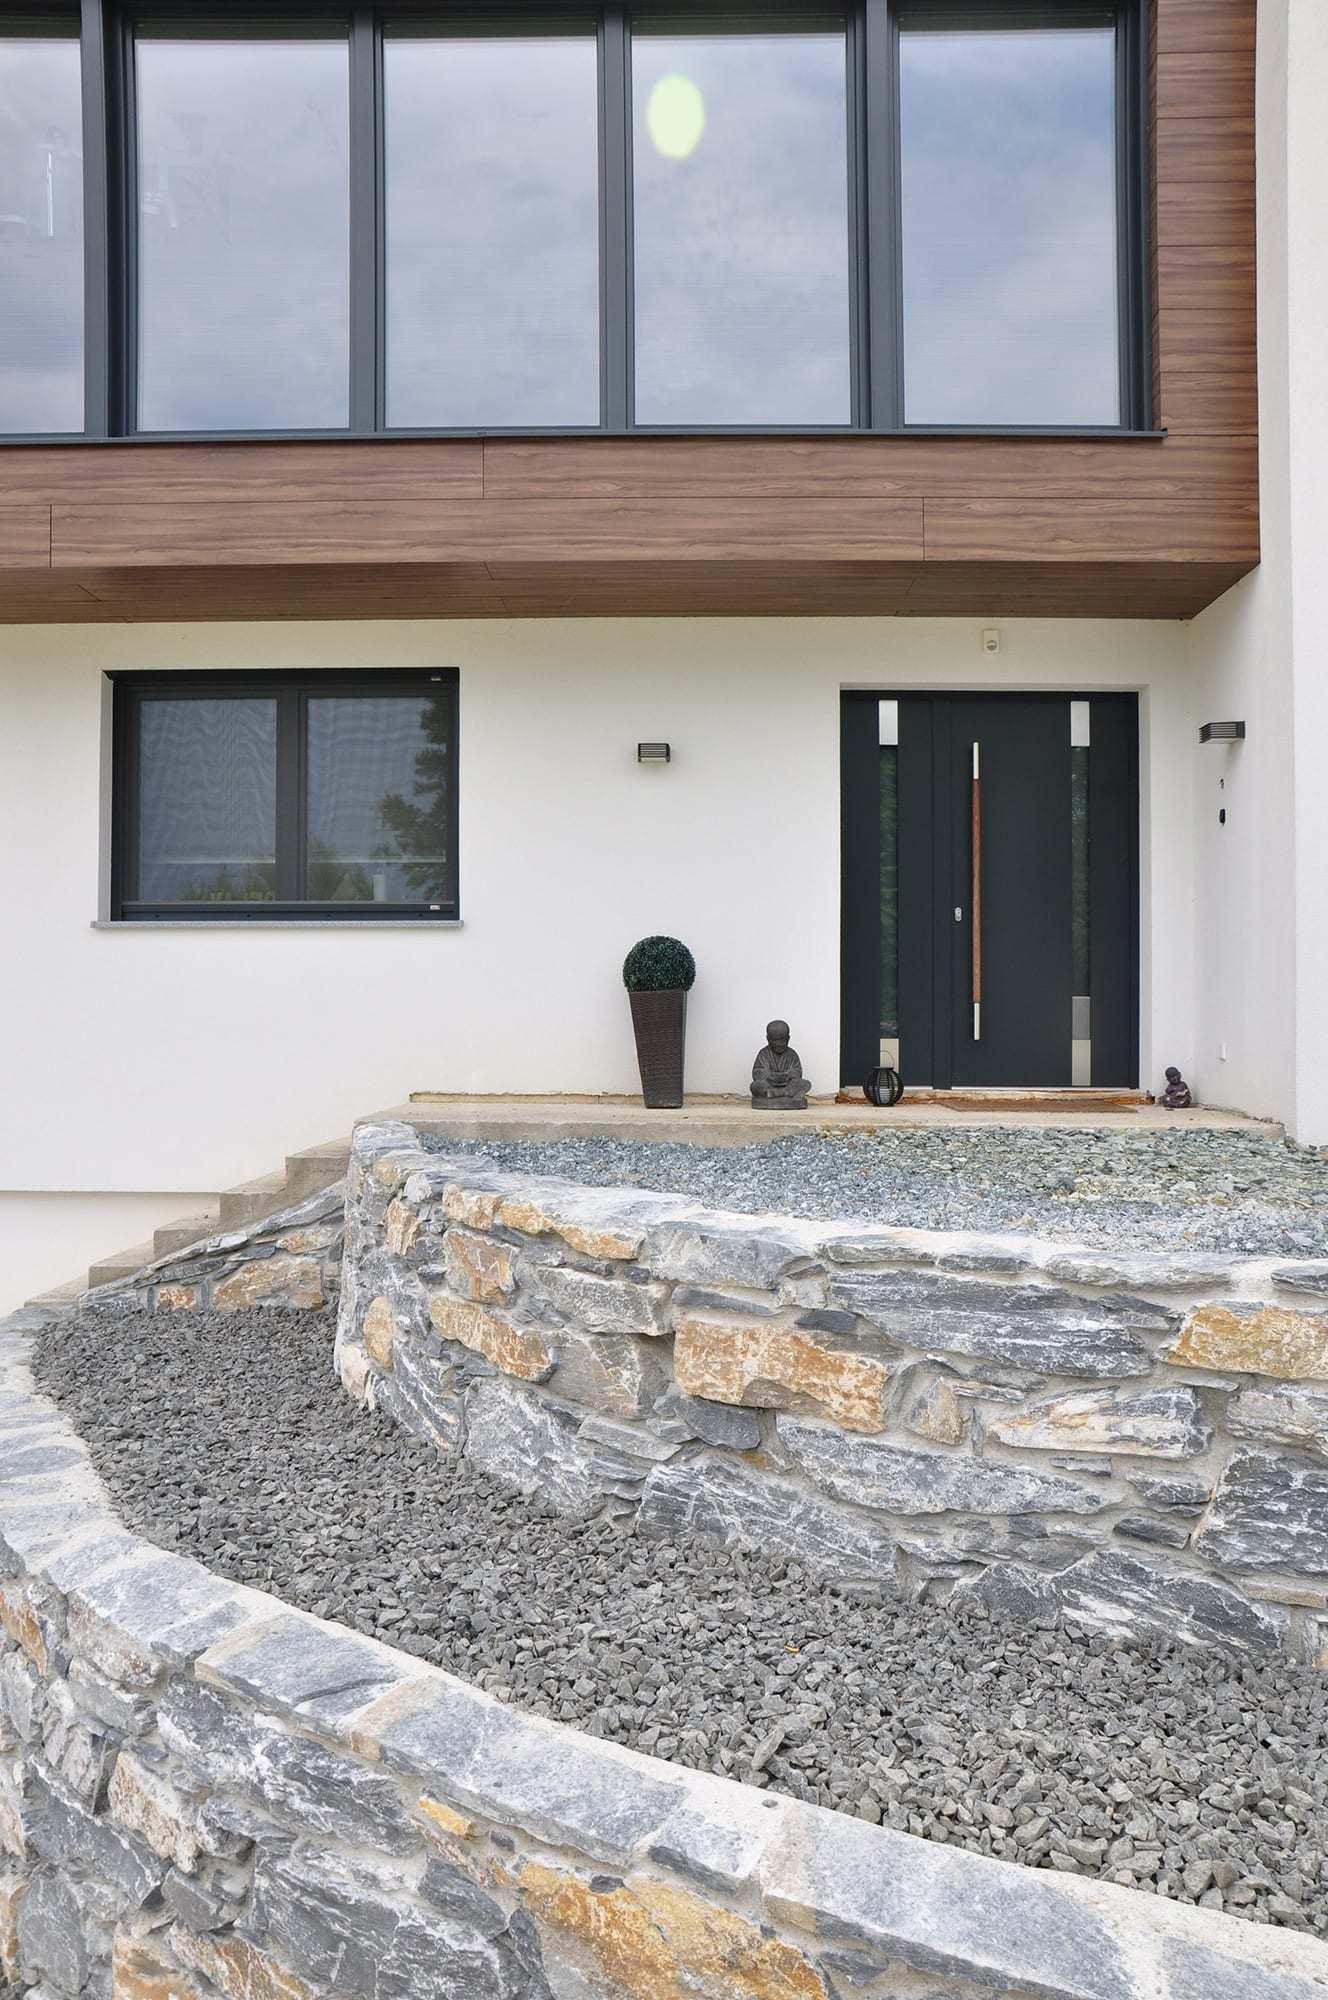 trocal 76 kunststoff haust rsystem standard trocal. Black Bedroom Furniture Sets. Home Design Ideas